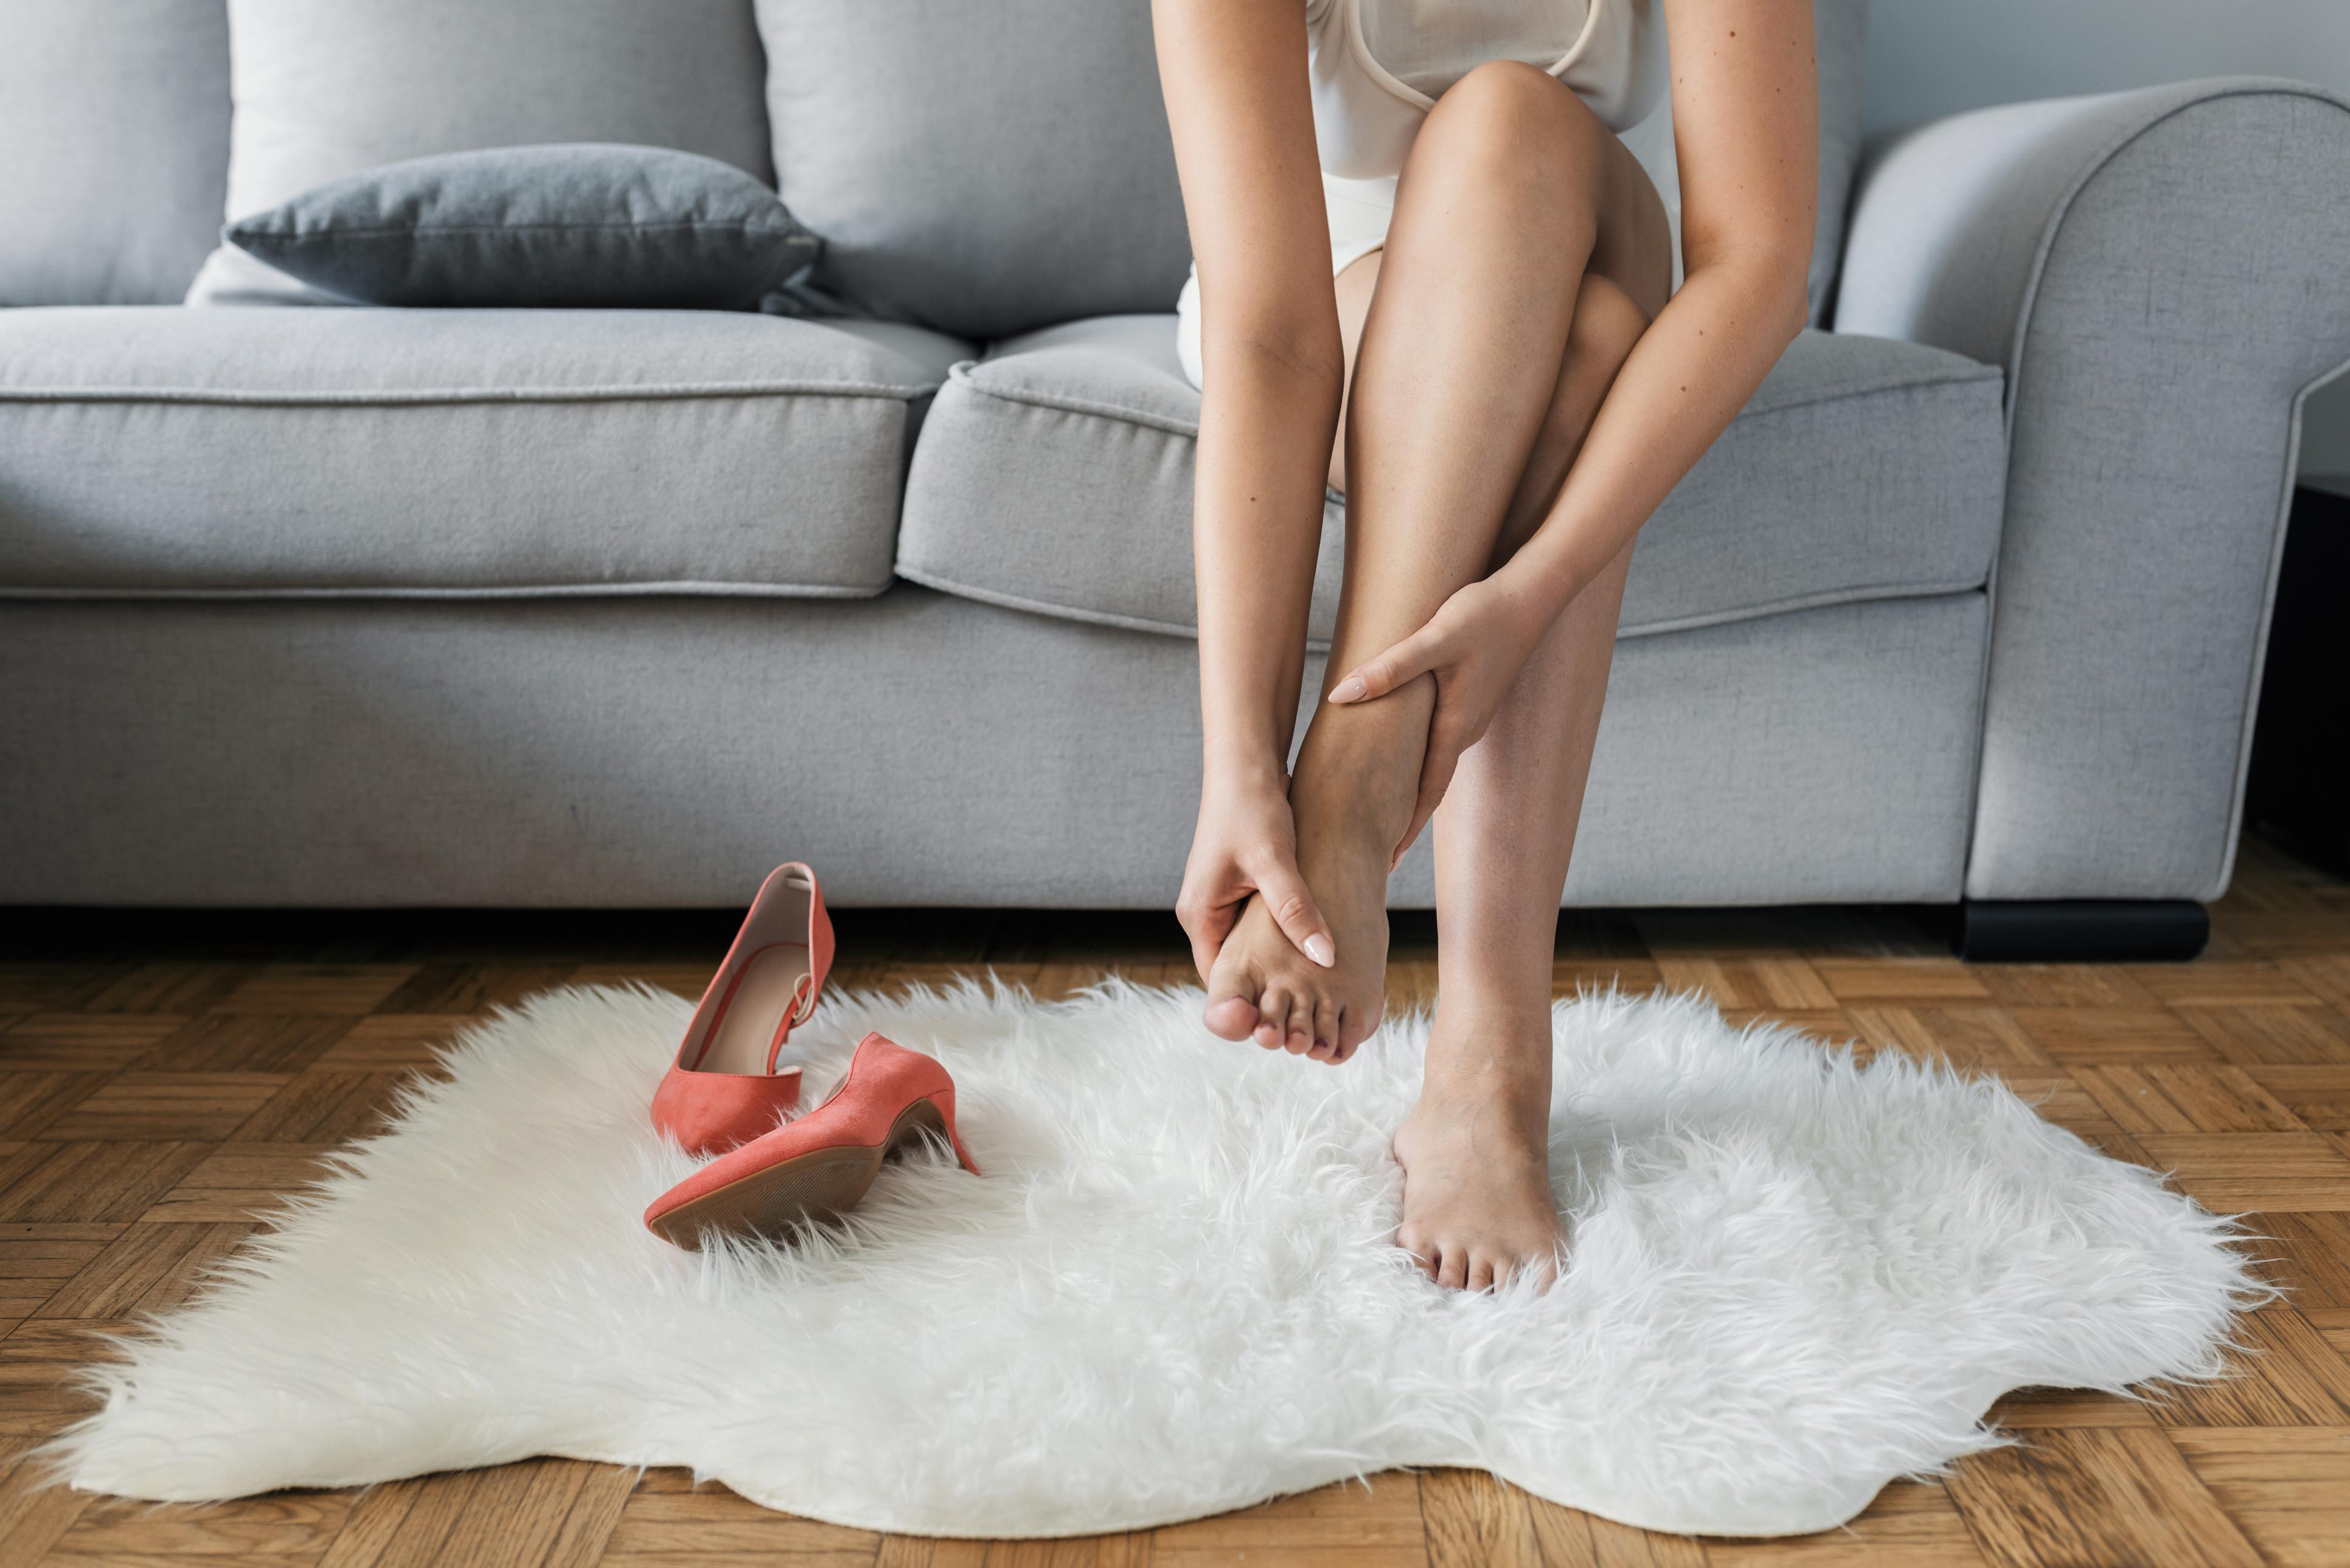 Será normal sentir cansaço nos pés?